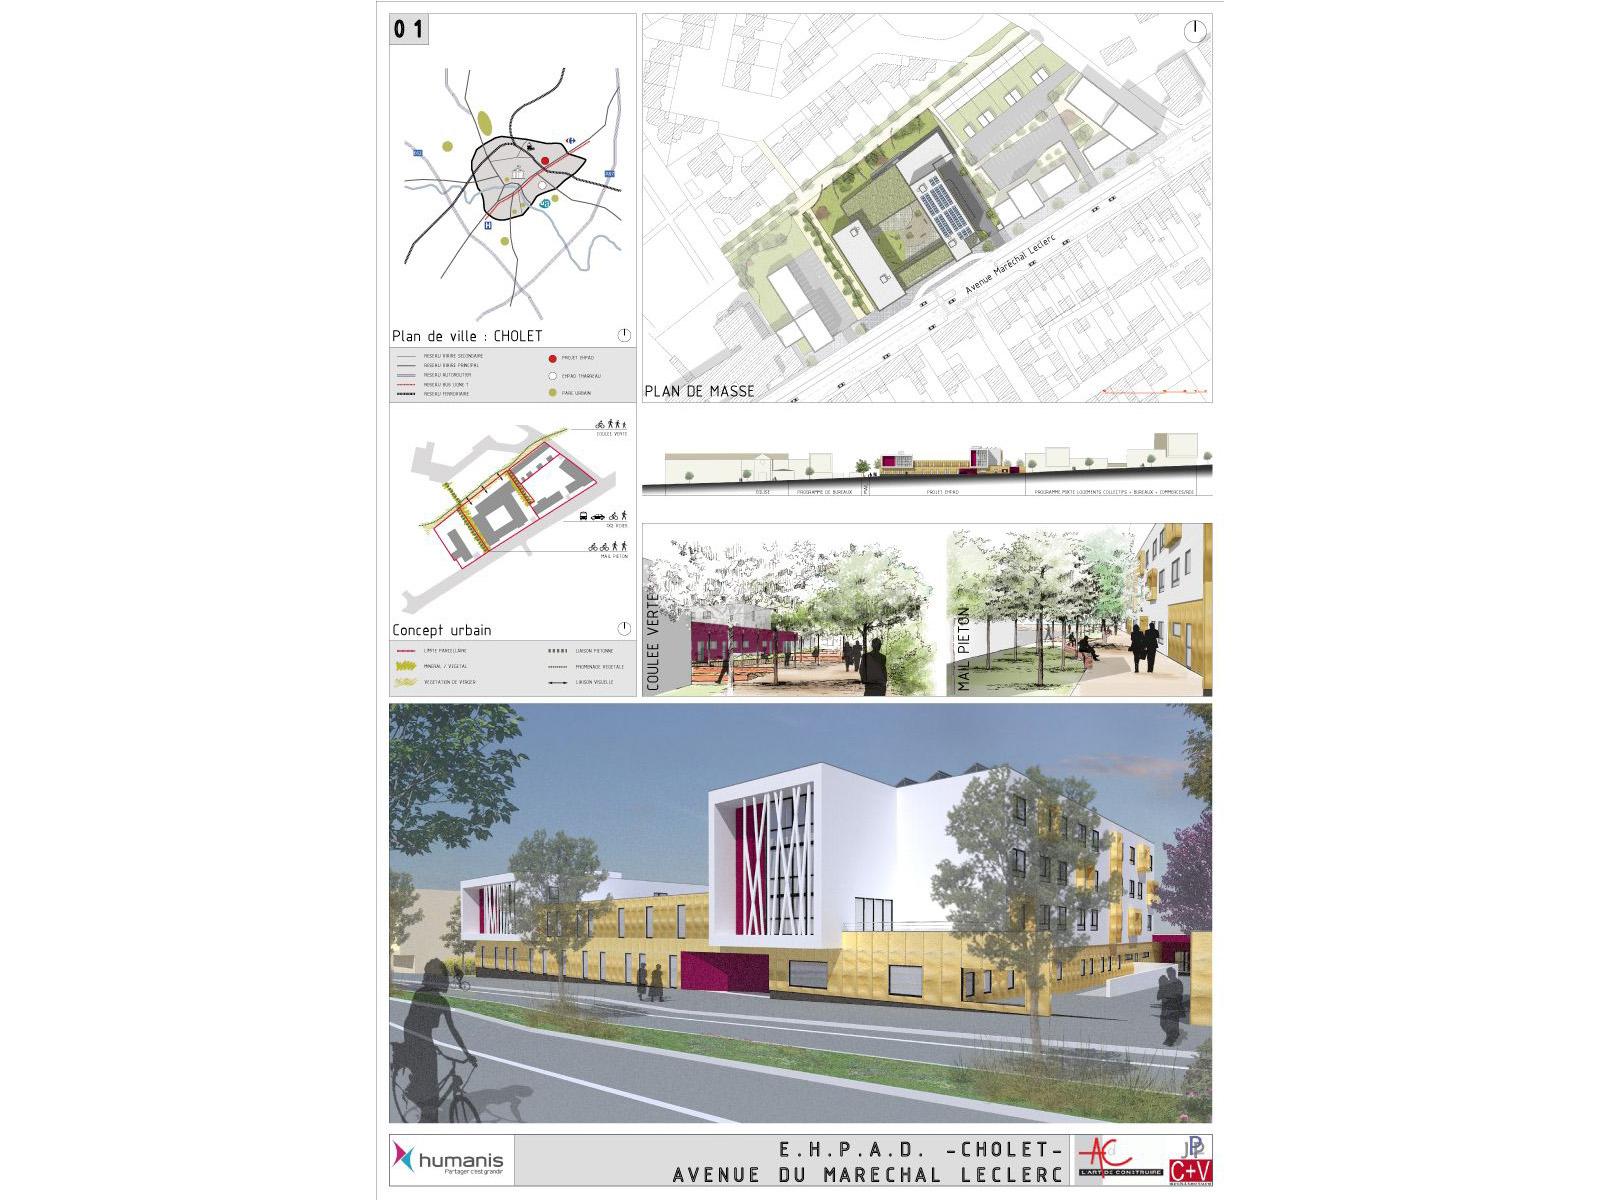 ehpad-cholet-architectes-concours-C2V-72